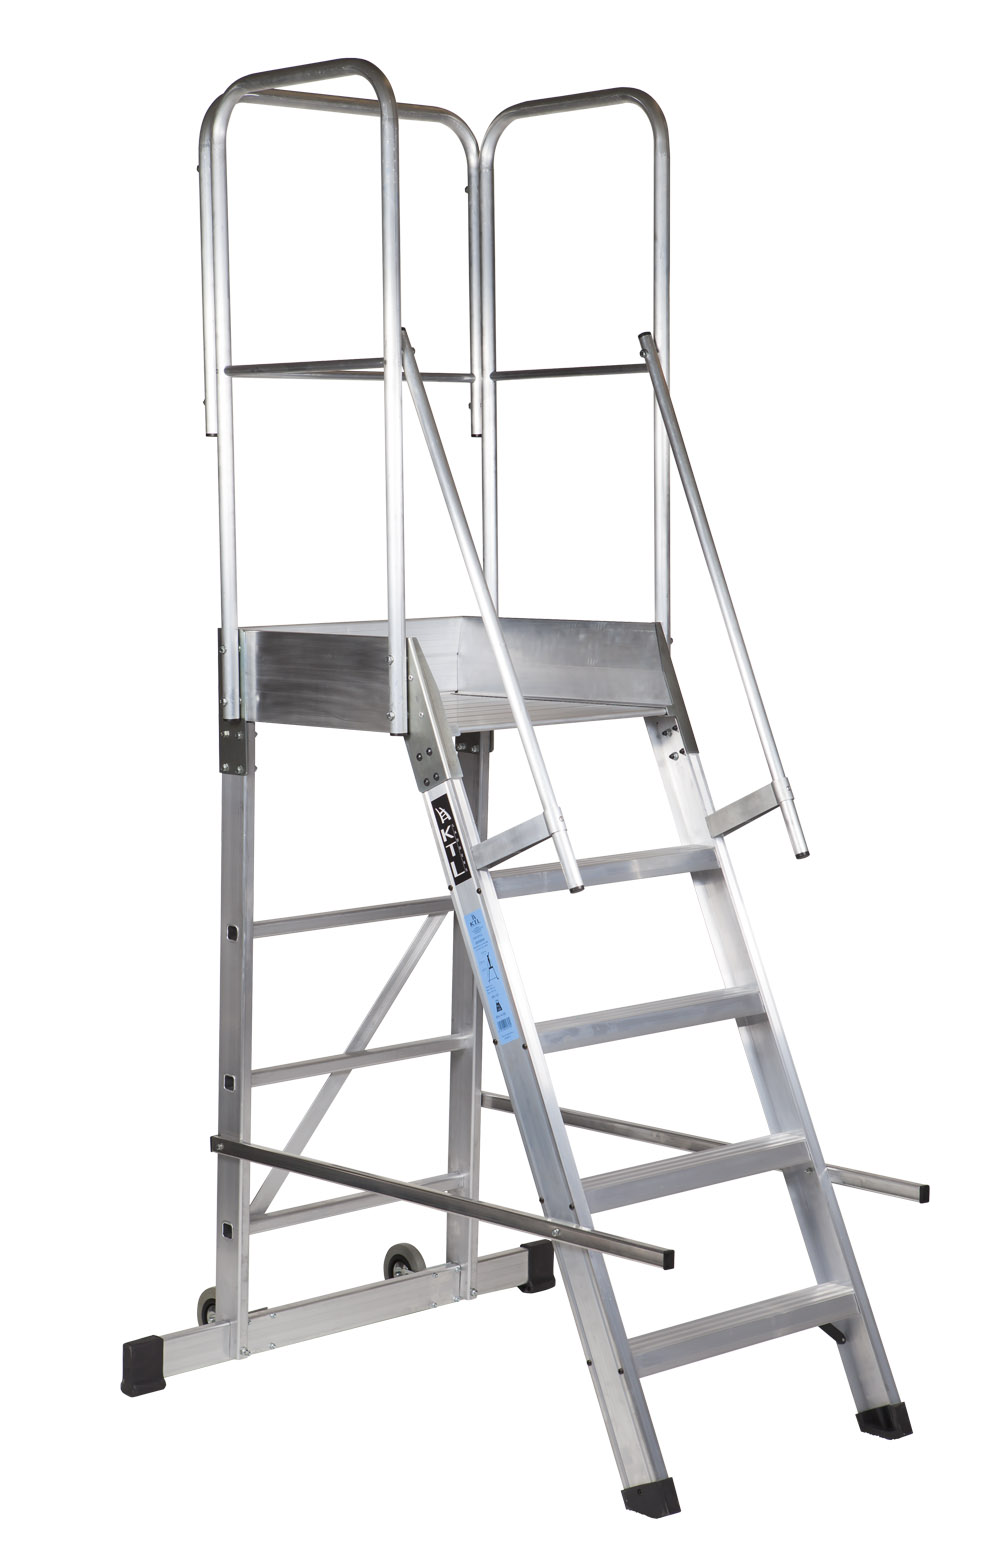 escalera de plataforma Escaleras de aluminio y andamios de aluminio KTL, a un nivel superior. EJEMPLO **EJEMPLO EP1 5peld